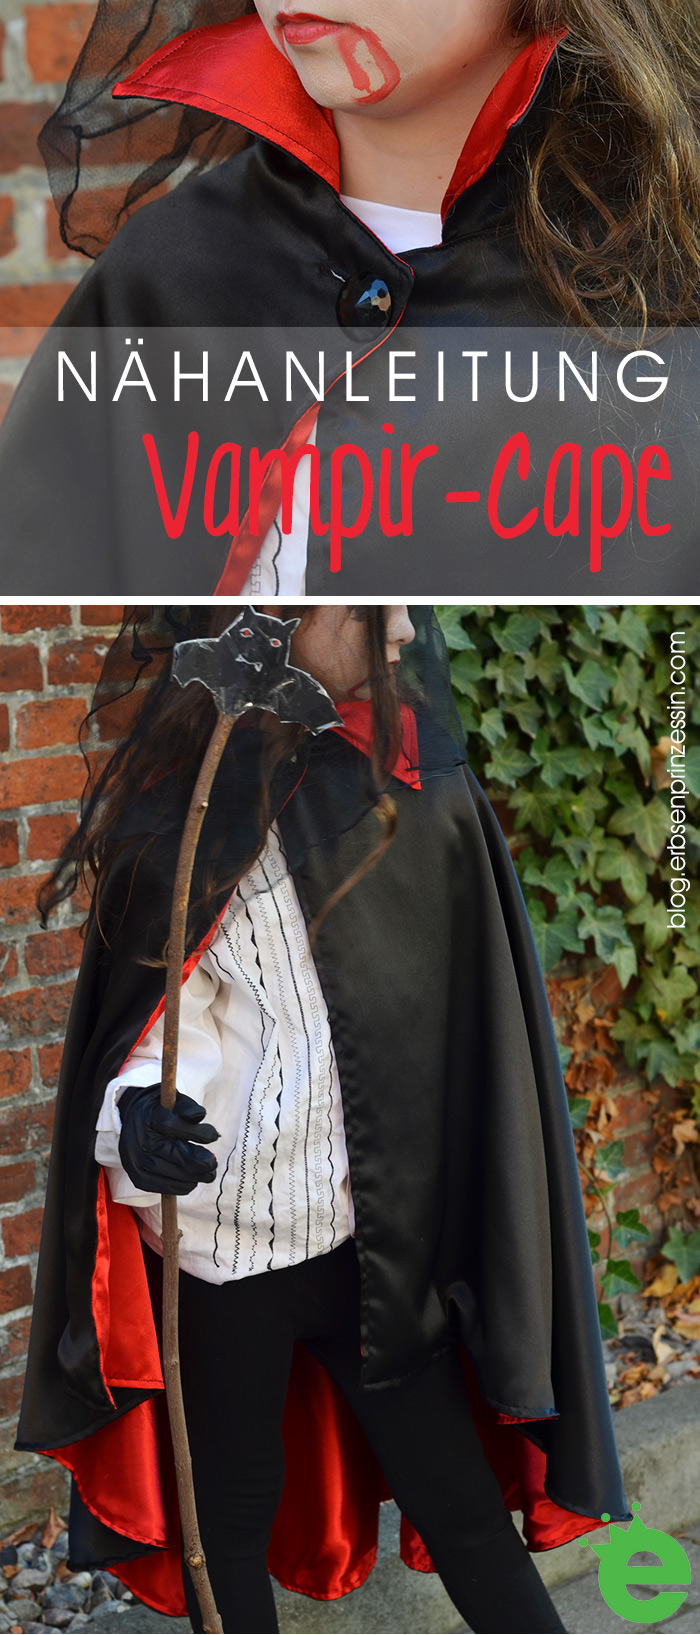 Nähanleitung: Vampir-Cape für Helloween, Kinder-Vampirumhang nähen Freebie Dracula-Verkleidung